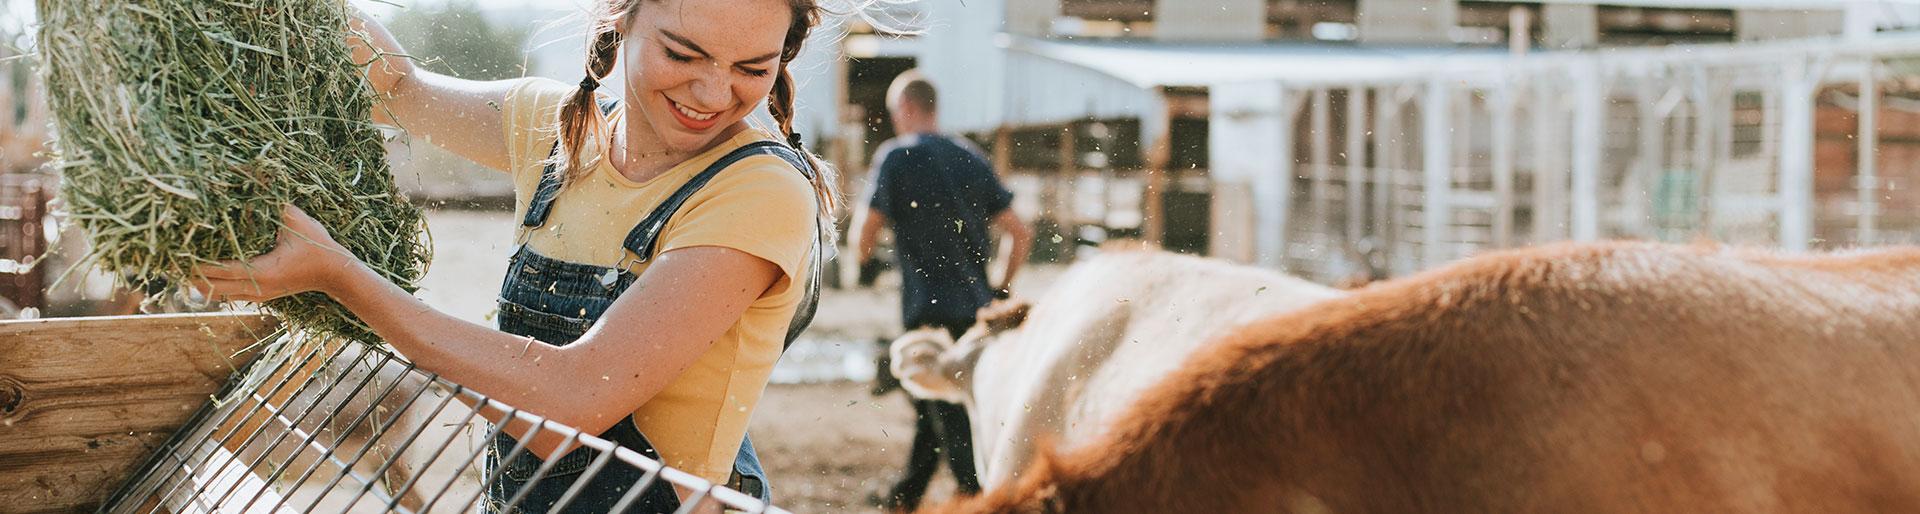 BTSa PA - couple de fermiers nourrissant des vaches